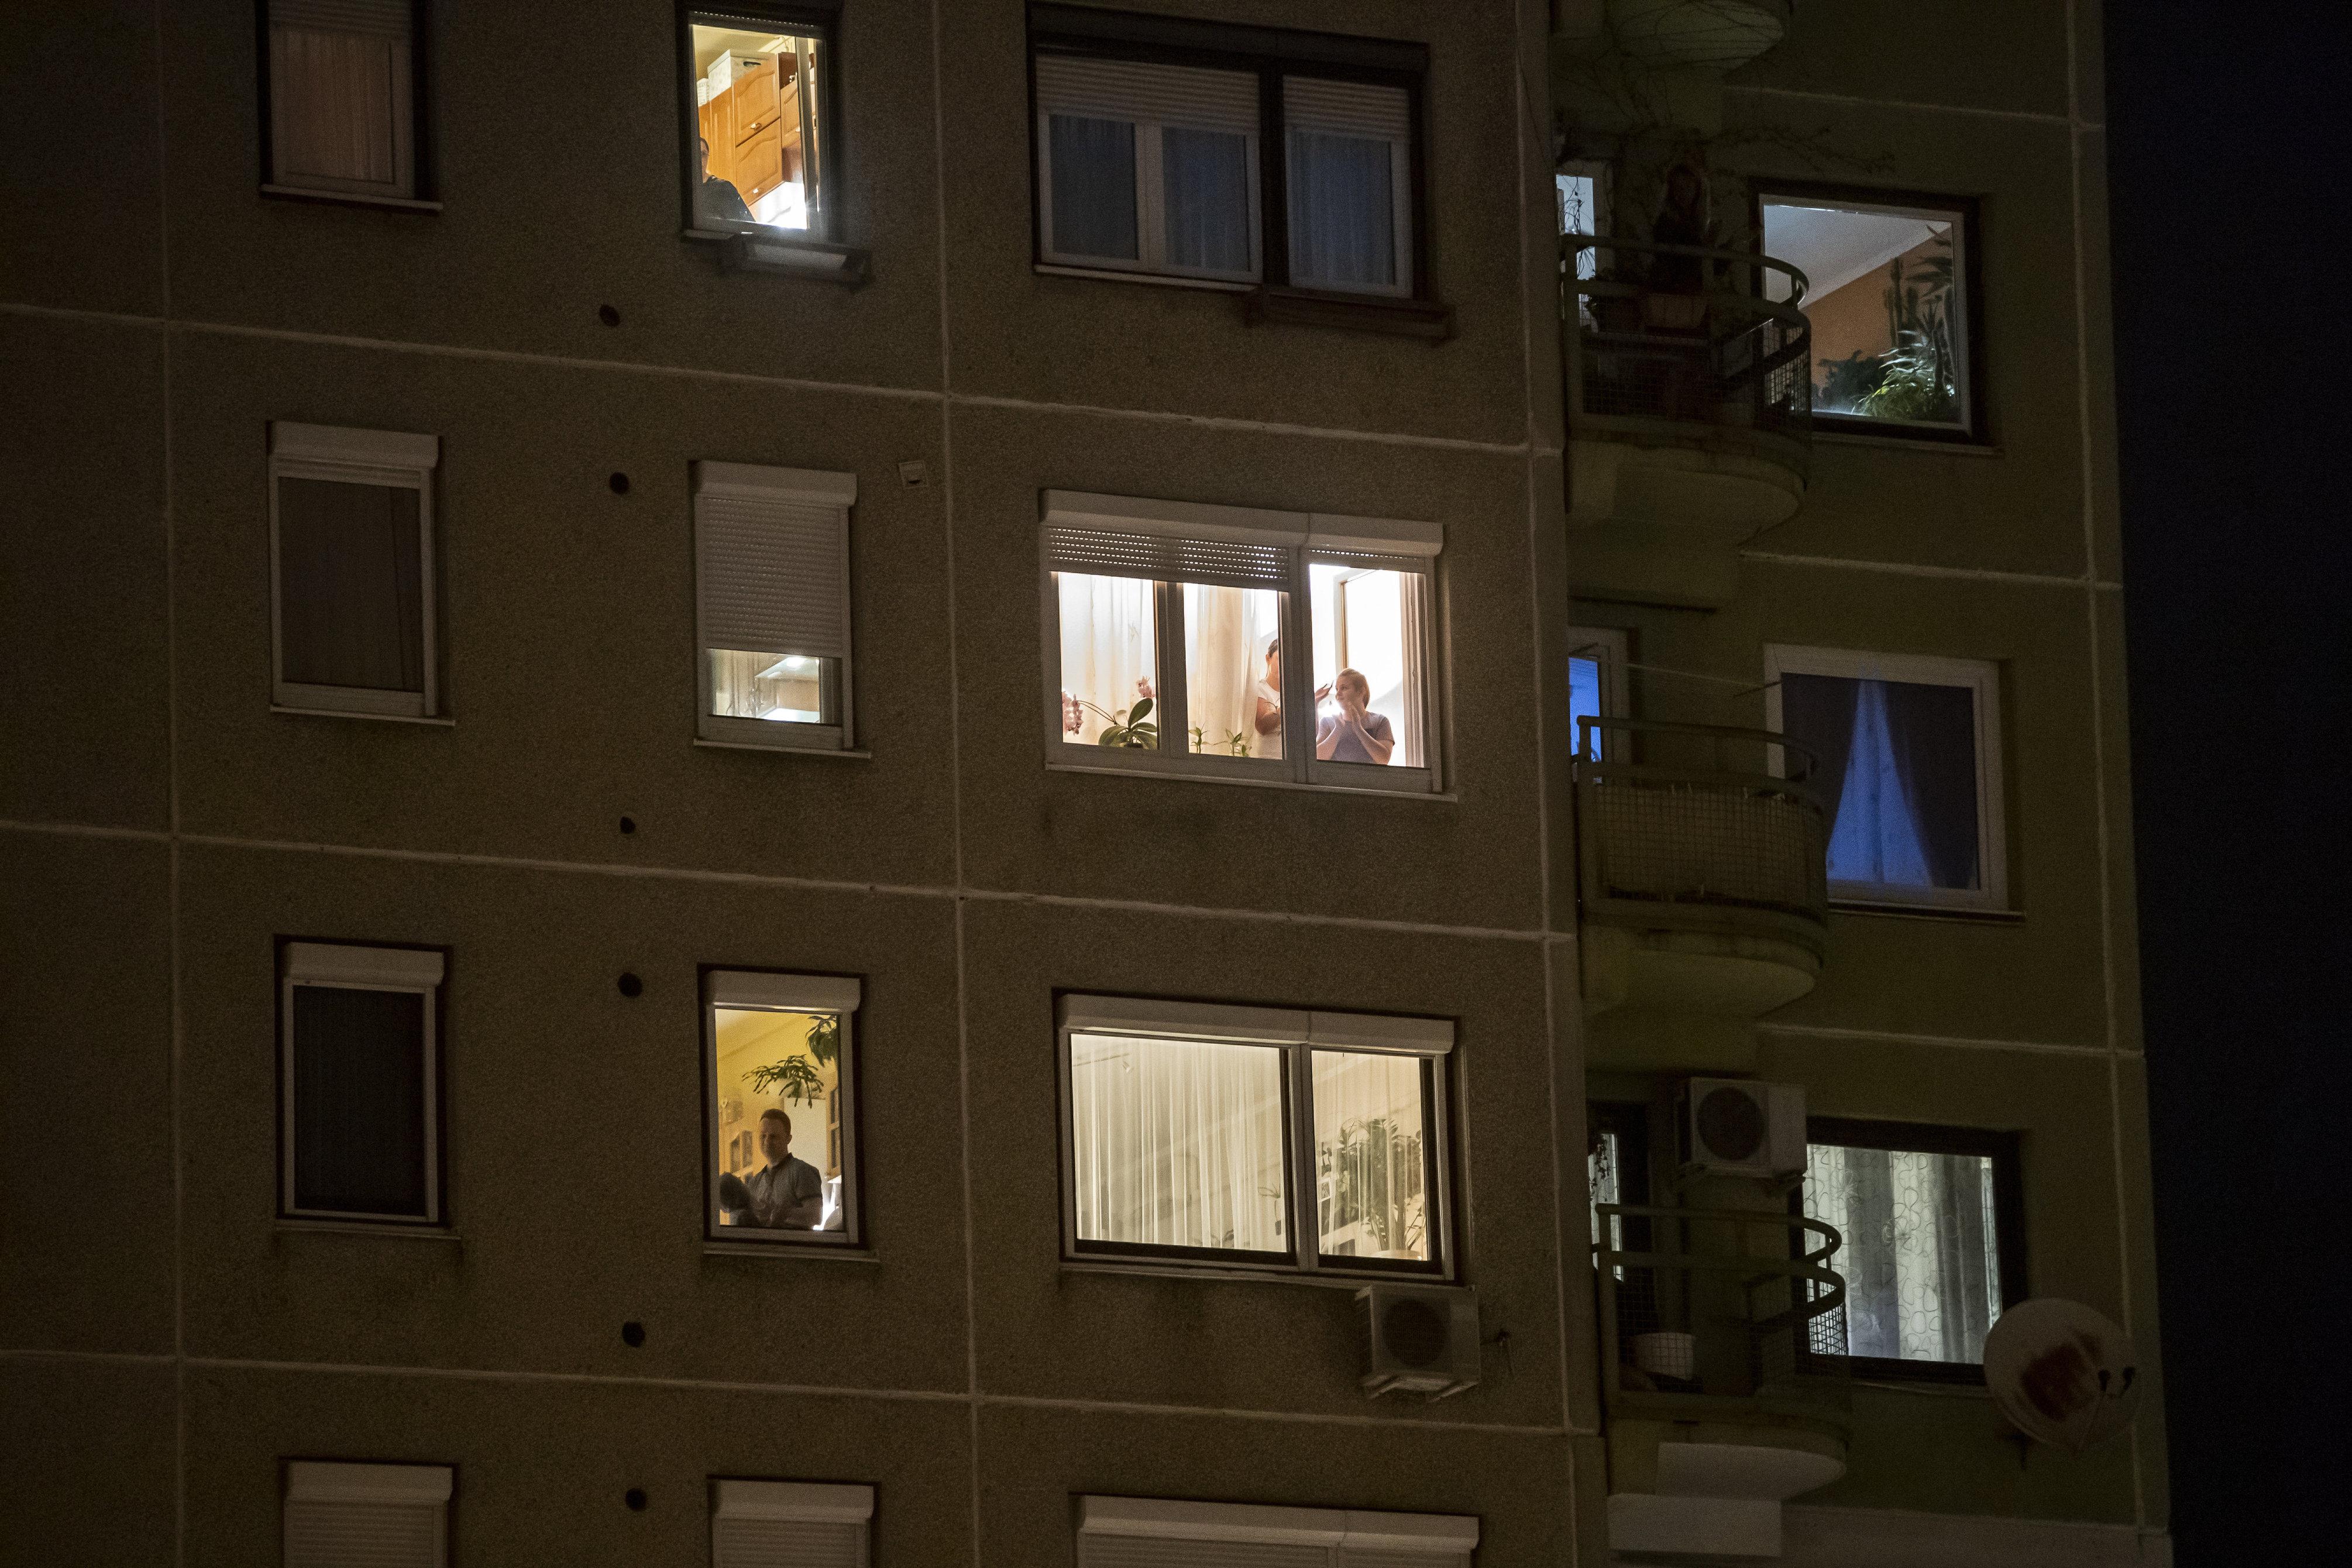 Itthon is elkezdték az ablakból megtapsolni az egészségügyi dolgozókat esténként